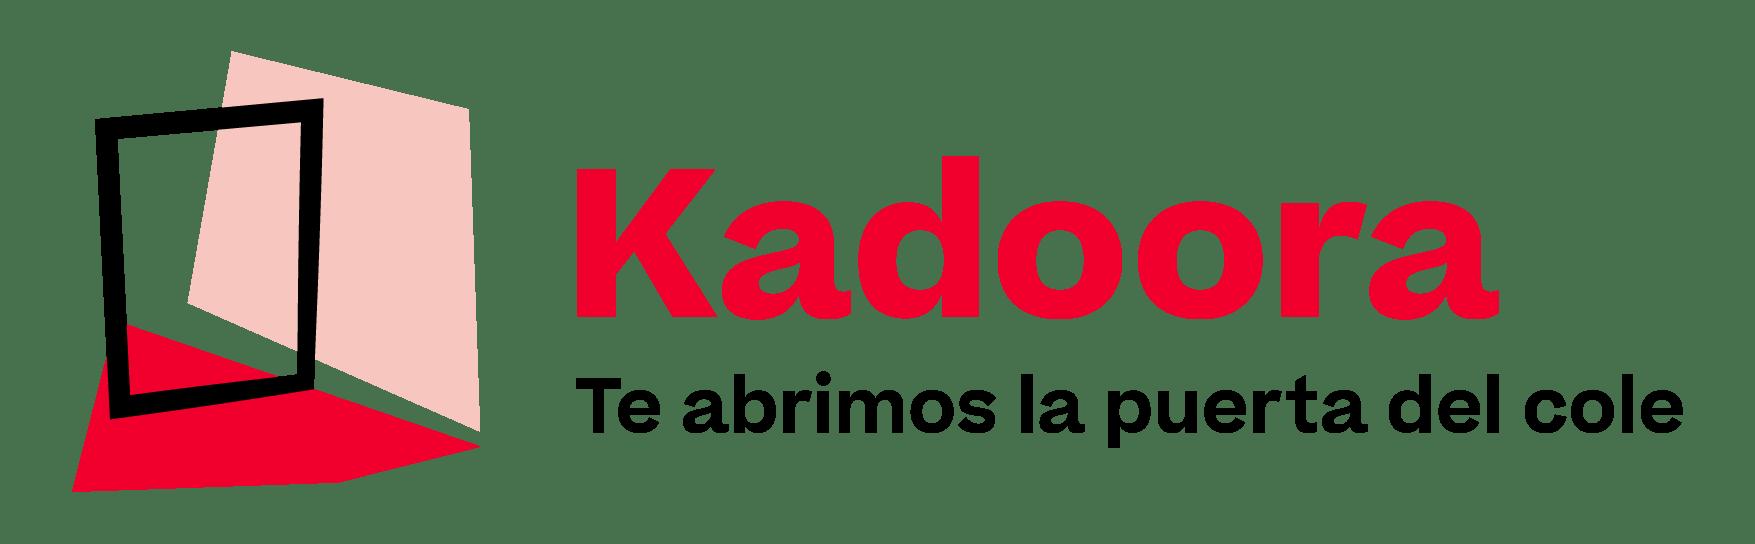 Kadoora